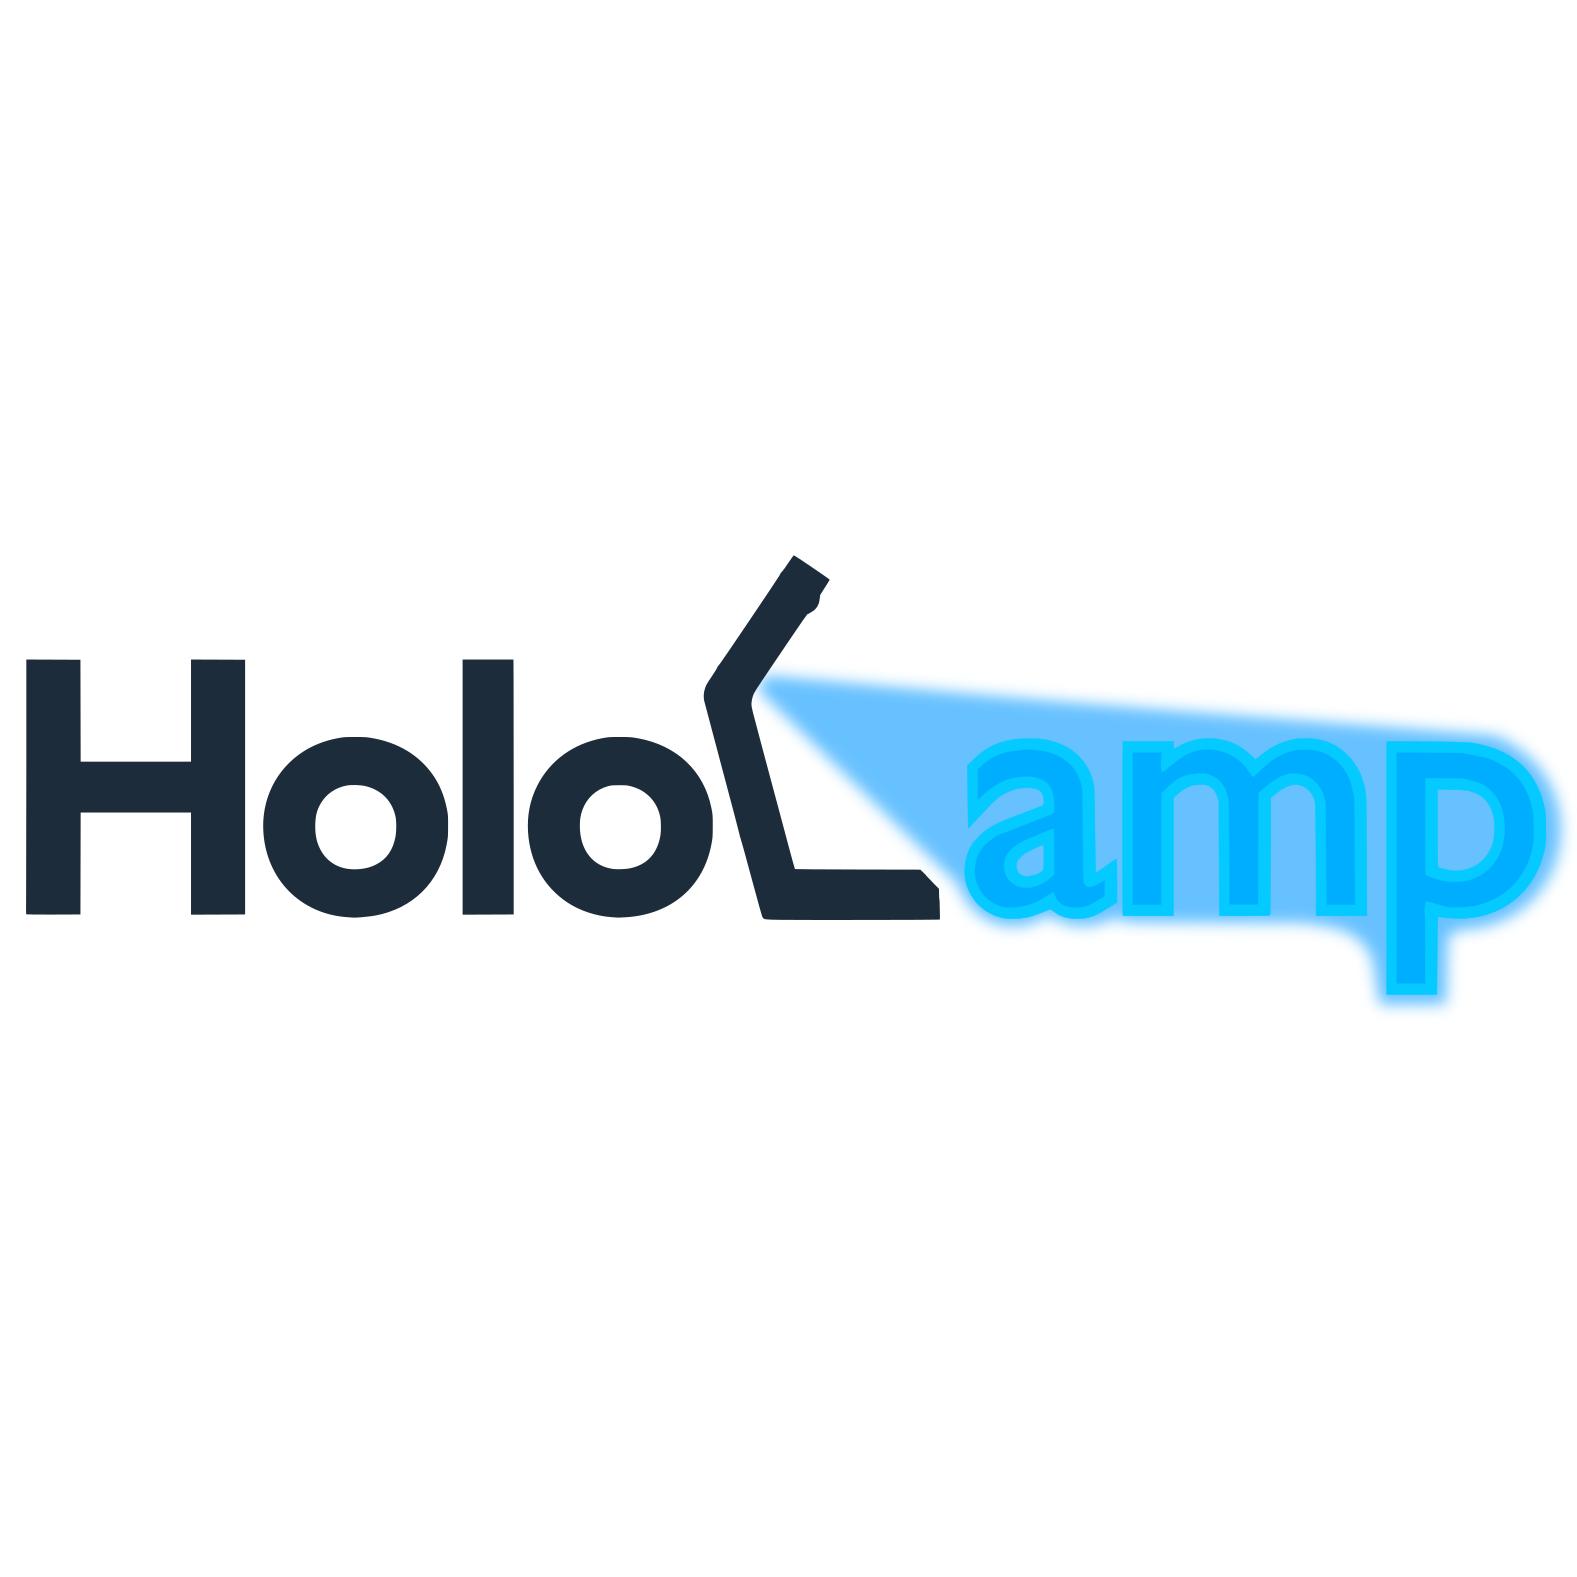 hololampe-logo